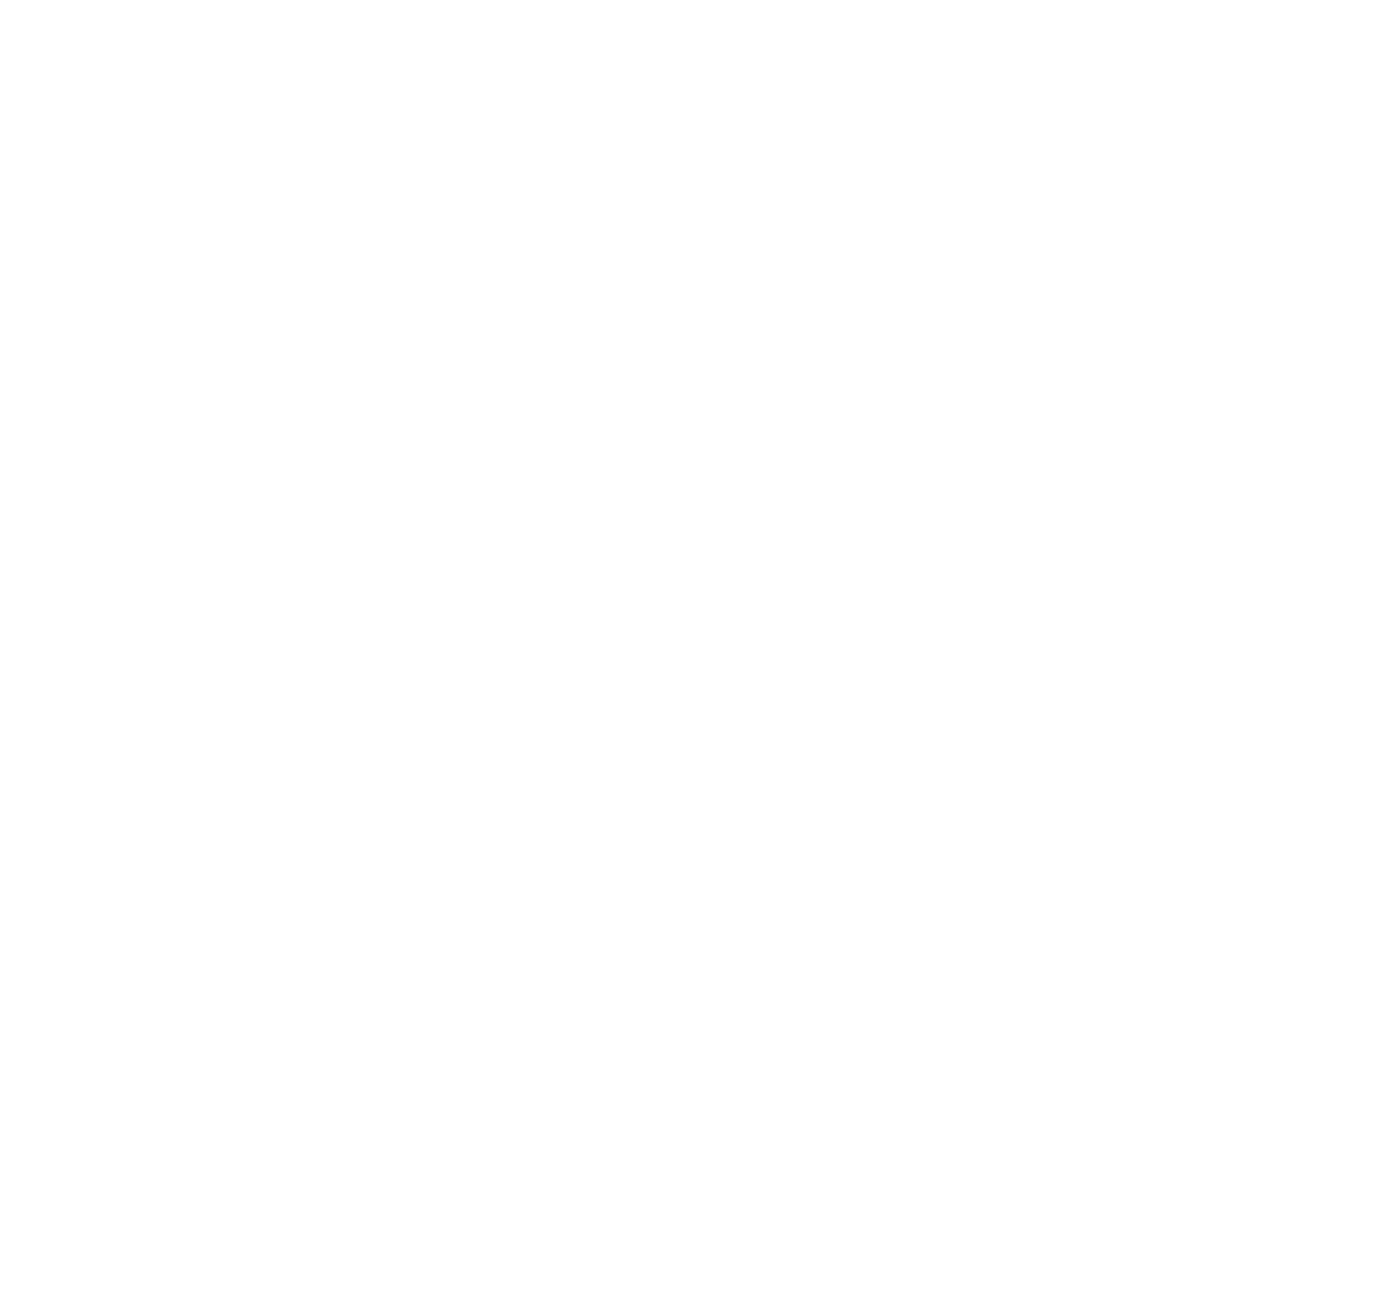 Hubert Vo Texas Representative District 149 Texas logo